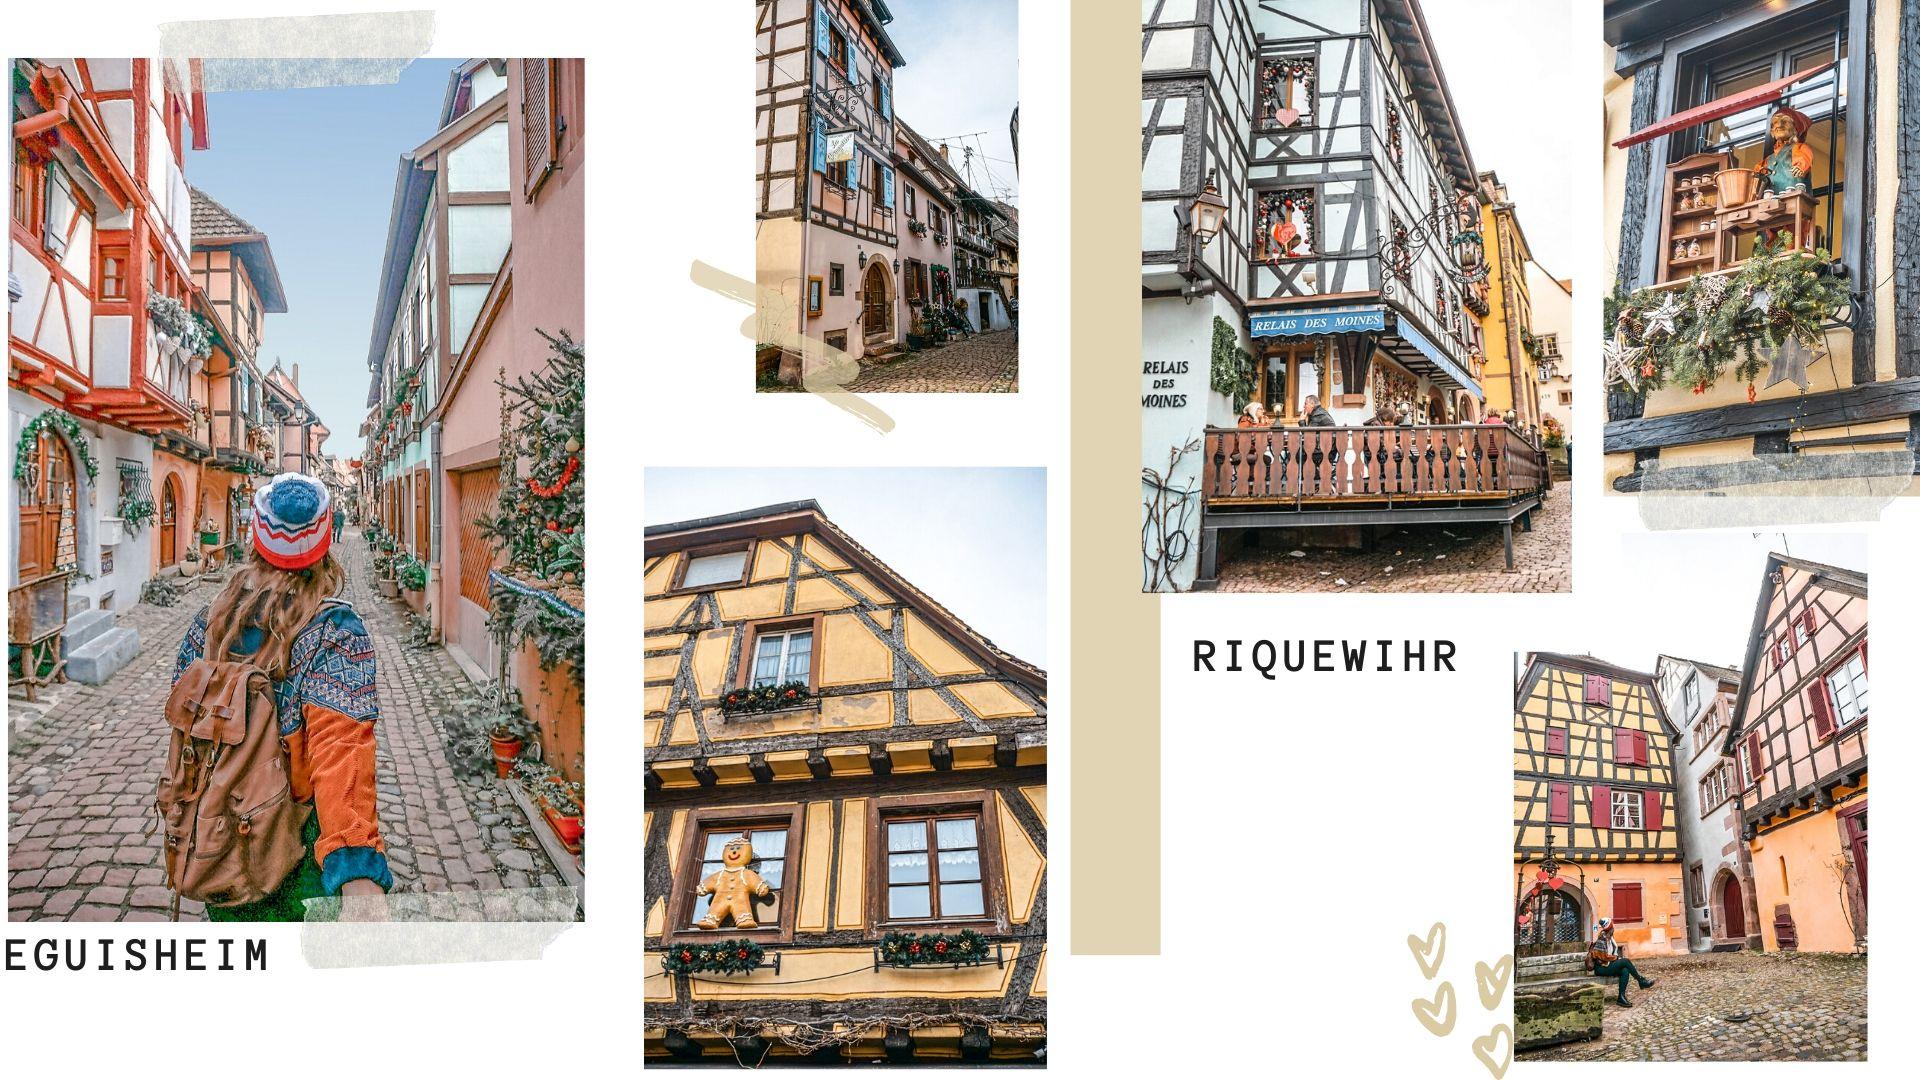 marché de noel riquewihr eguisheim